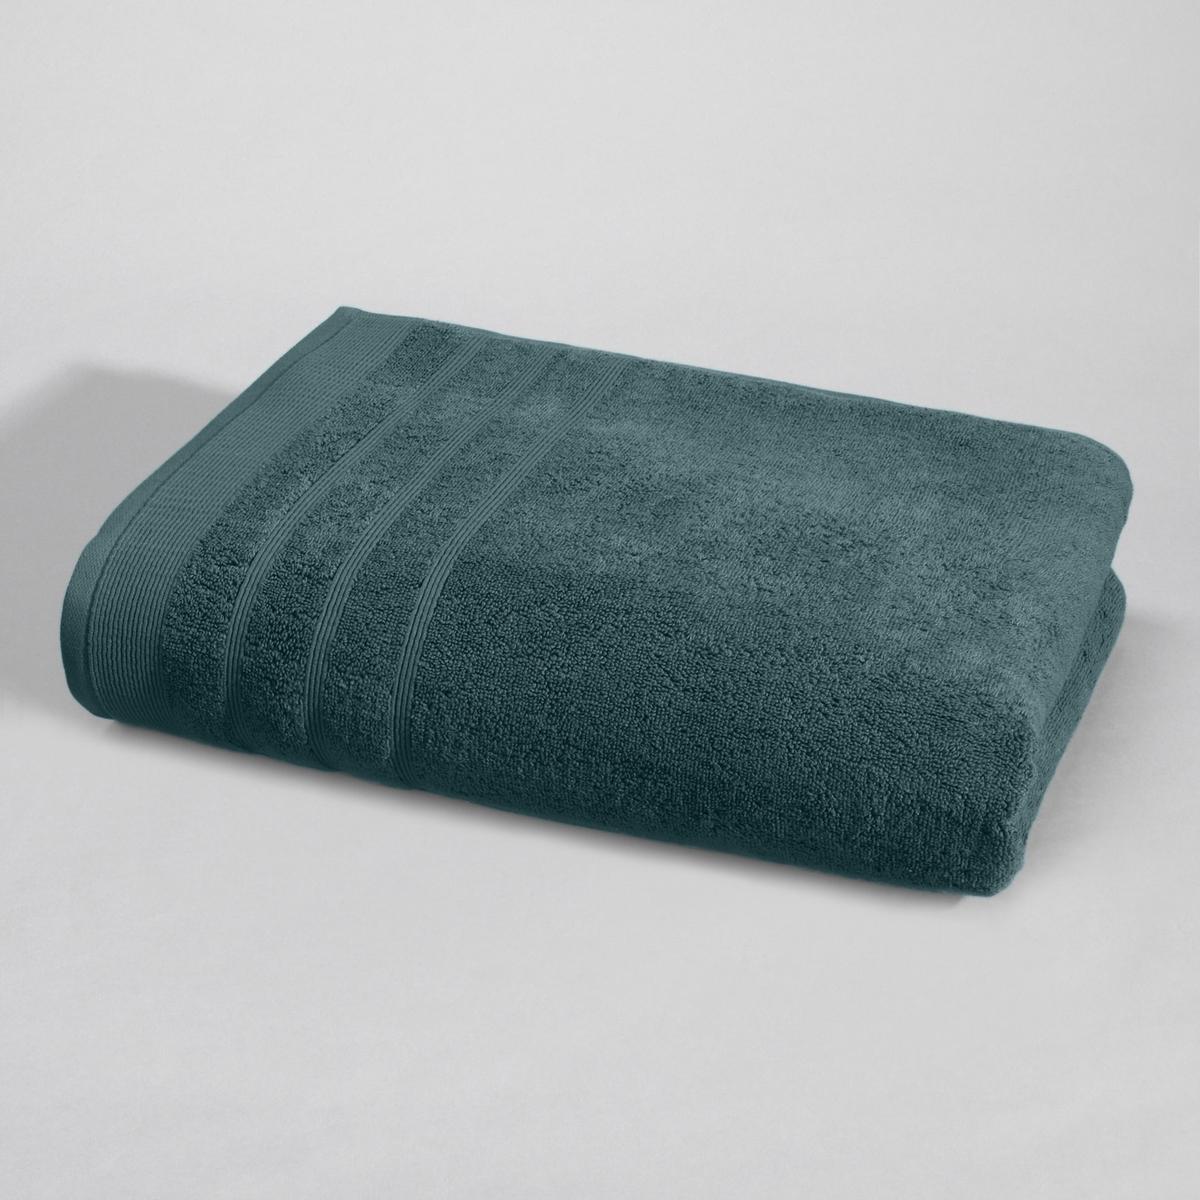 Полотенце банное 600 г/м?, Качество BestБольшое банное полотенце отлично притывает влагу, даря тем самым невероятный комфорт.Описание большого  банного полотенца :Качество BEST.Махровая ткань 100 % хлопка. Машинная стирка при 60°.Размеры большого банного полотенца:100 x 150 см.<br><br>Цвет: бежевый,белый,зелено-синий,зеленый мох,Серо-синий,шафран<br>Размер: 100 x 150 cm.100 x 150 cm.100 x 150 cm